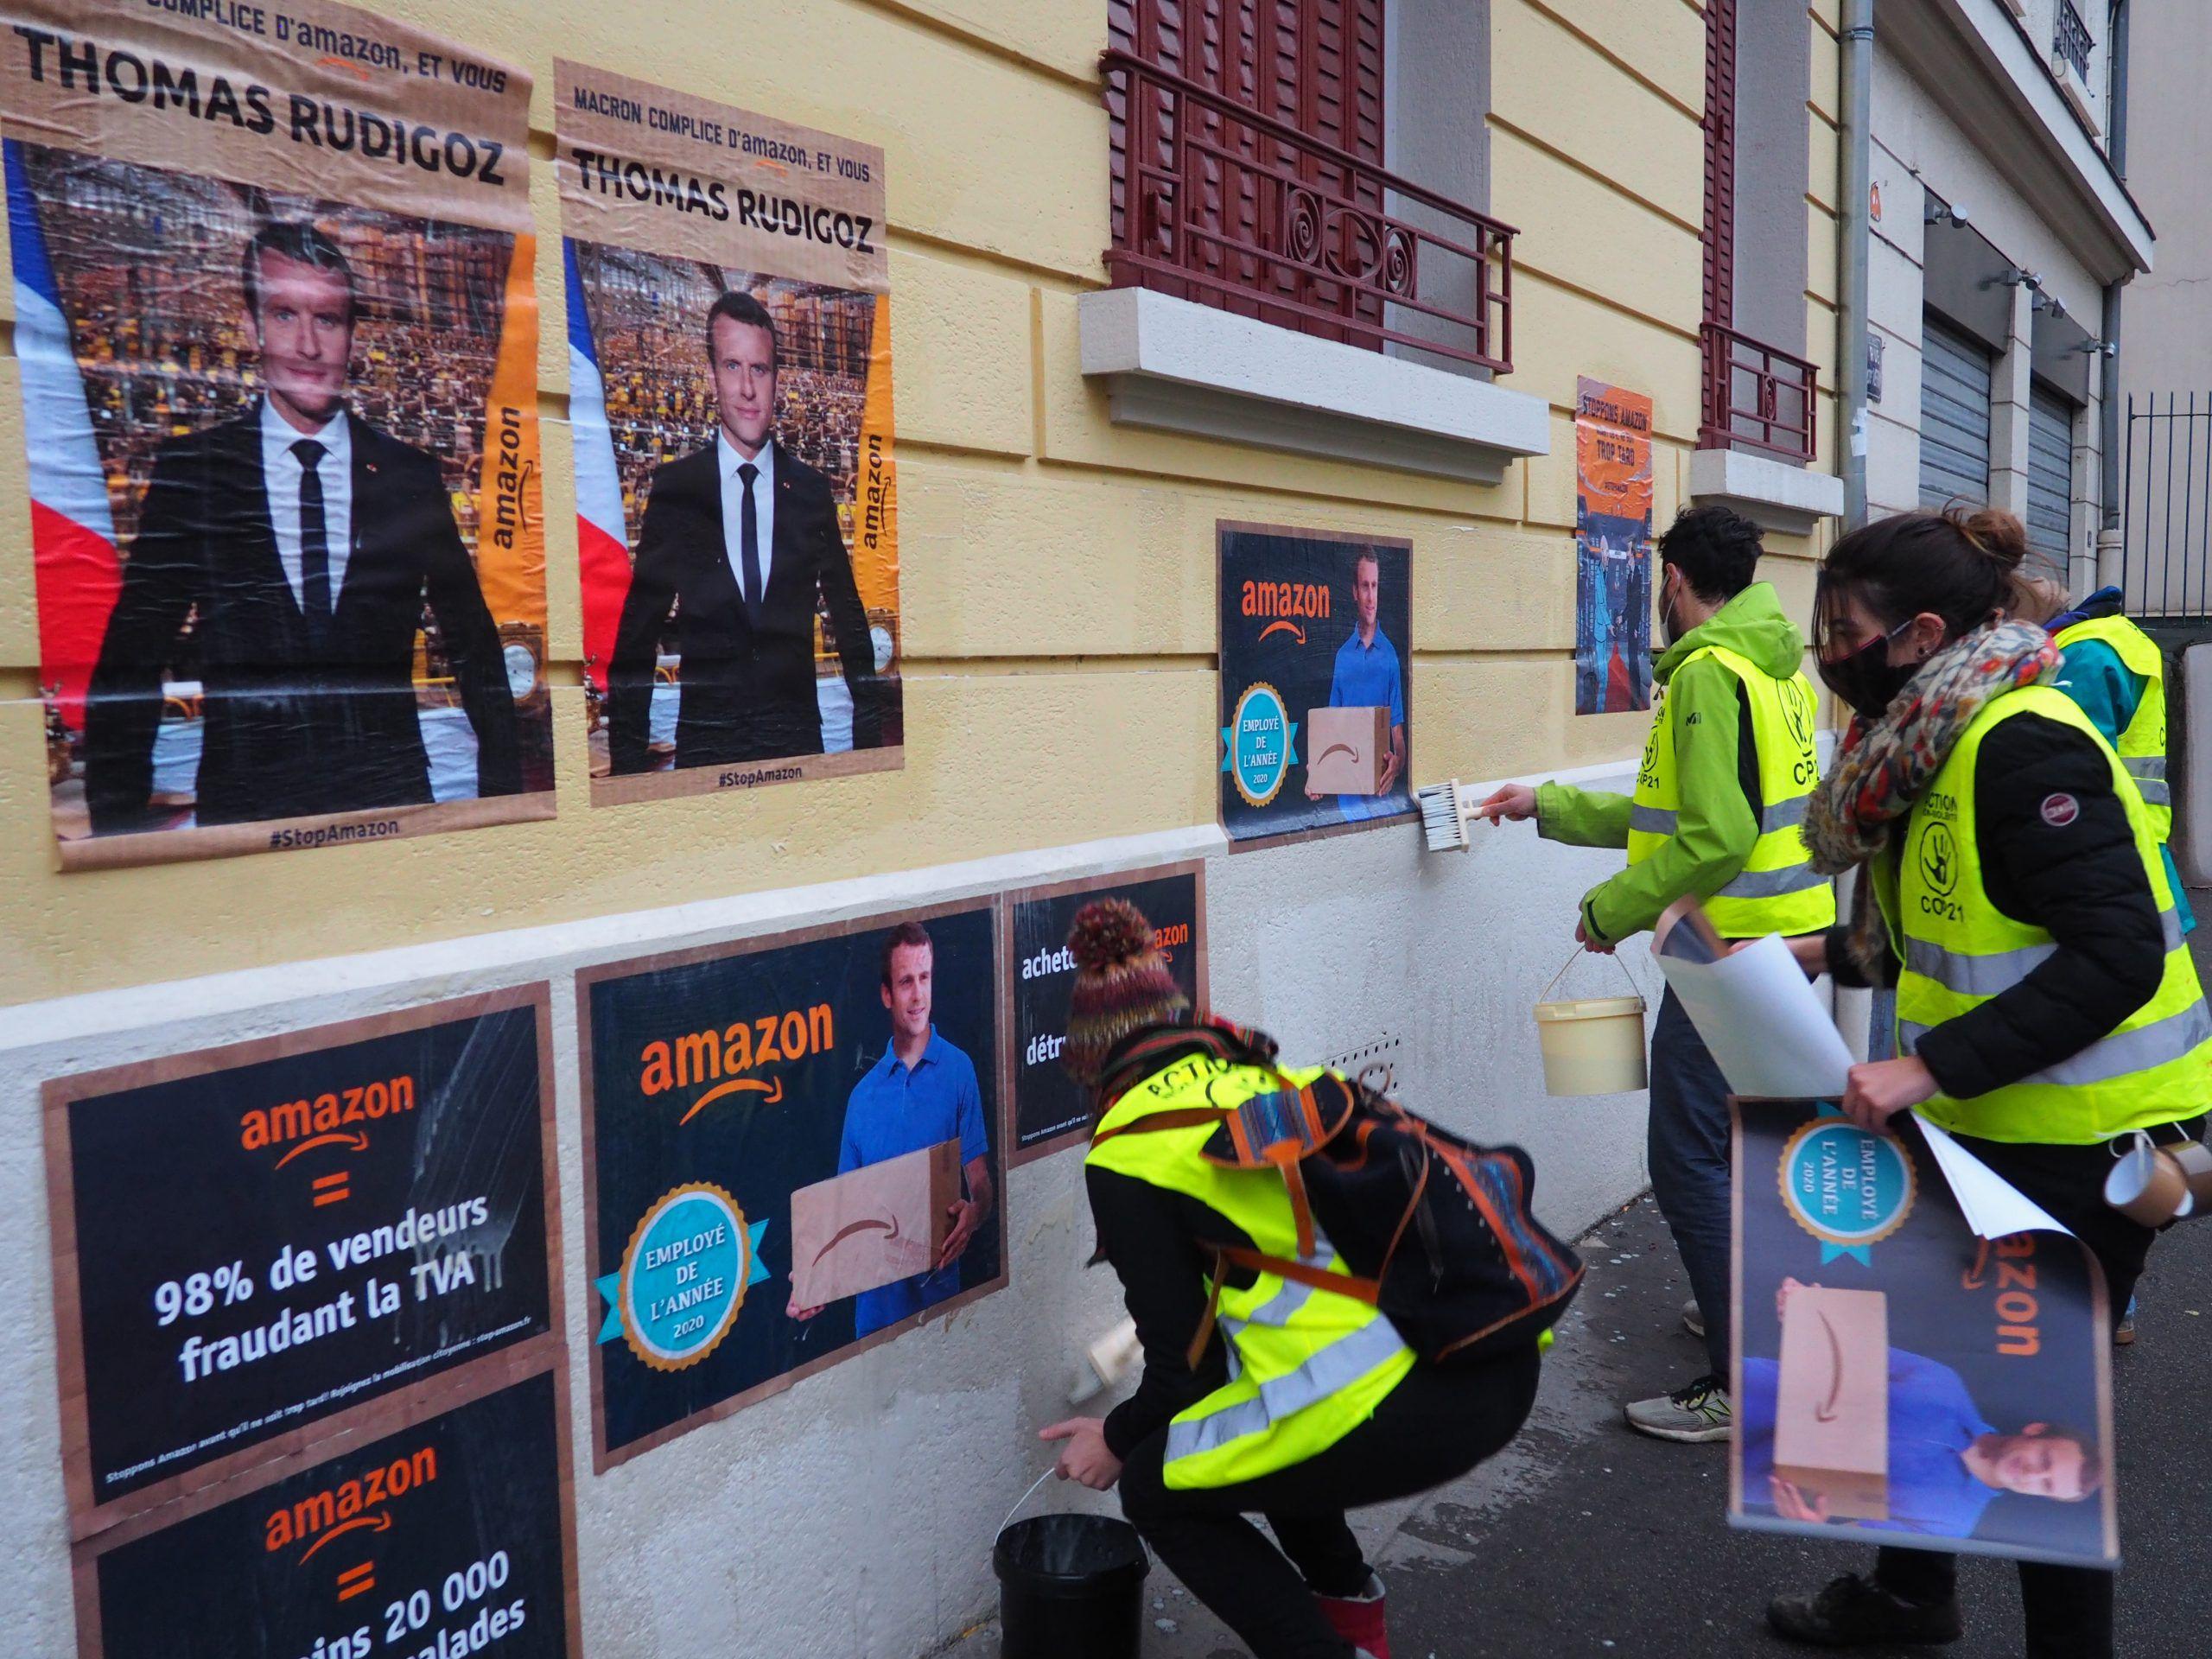 Des militants d'Alternatiba ANV Rhône, Extinction rebellion, et youth for climate collent des affiches sur la permanence du député Thomas Rudigoz